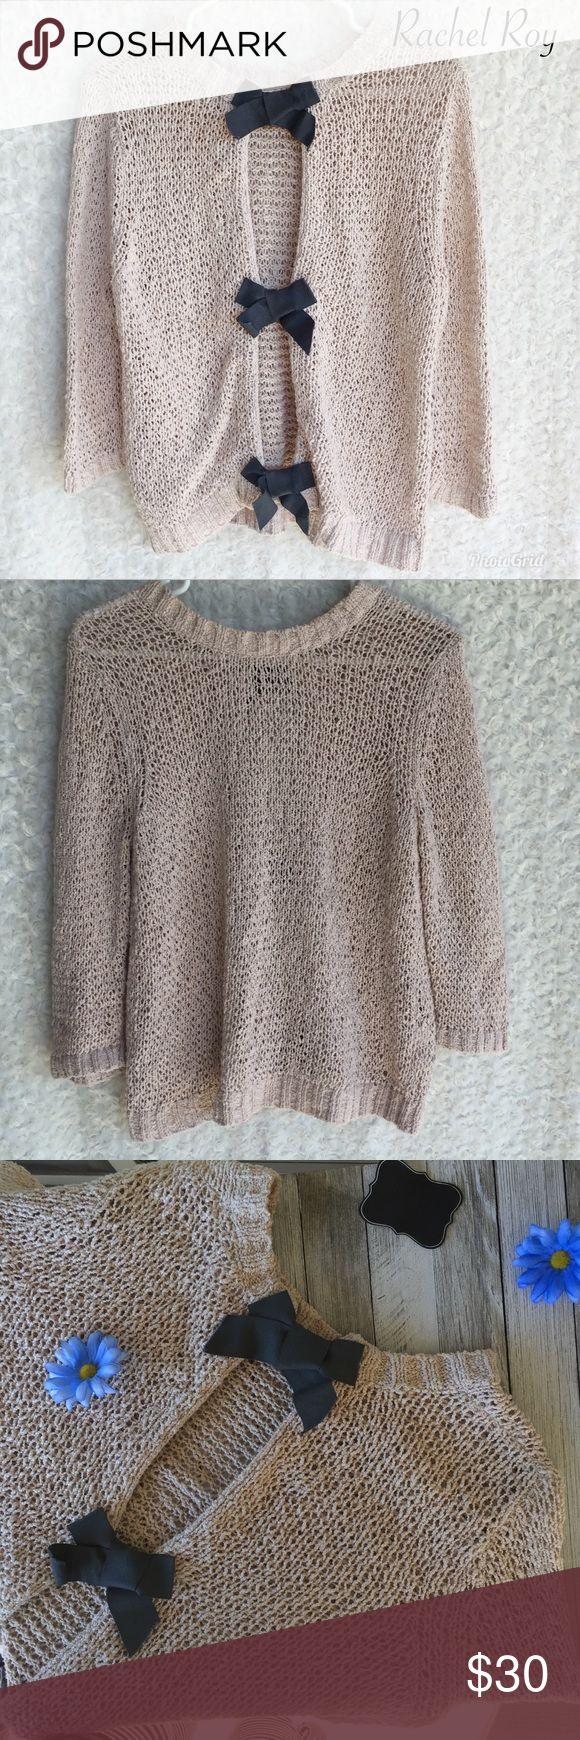 Rachel Rachel Roy sweater!! So cute Rachel Roy sweater great condition with black bows!! RACHEL Rachel Roy Tops Sweatshirts & Hoodies